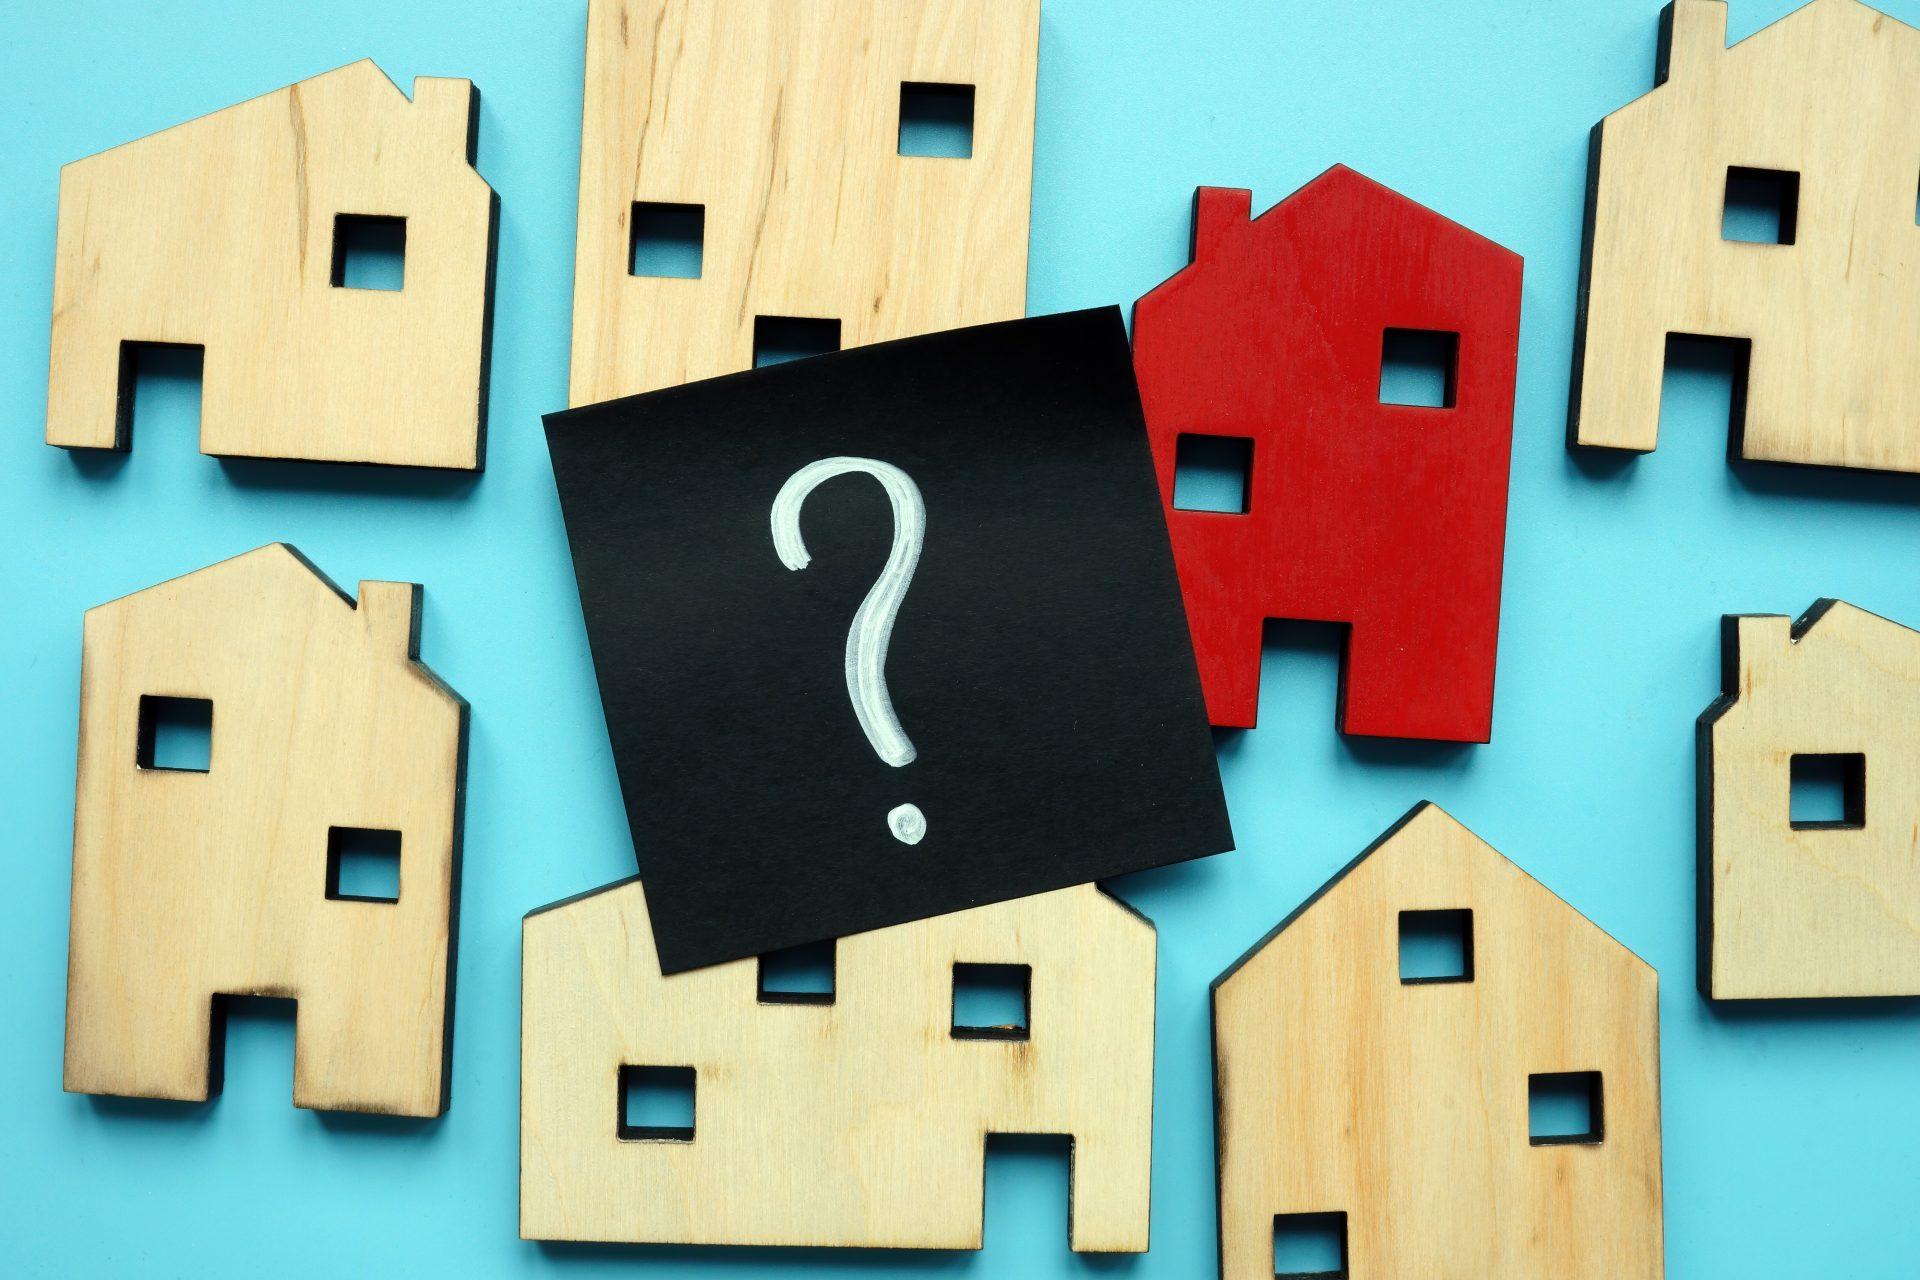 Winzige Häuser aus Holz und Fragezeichen